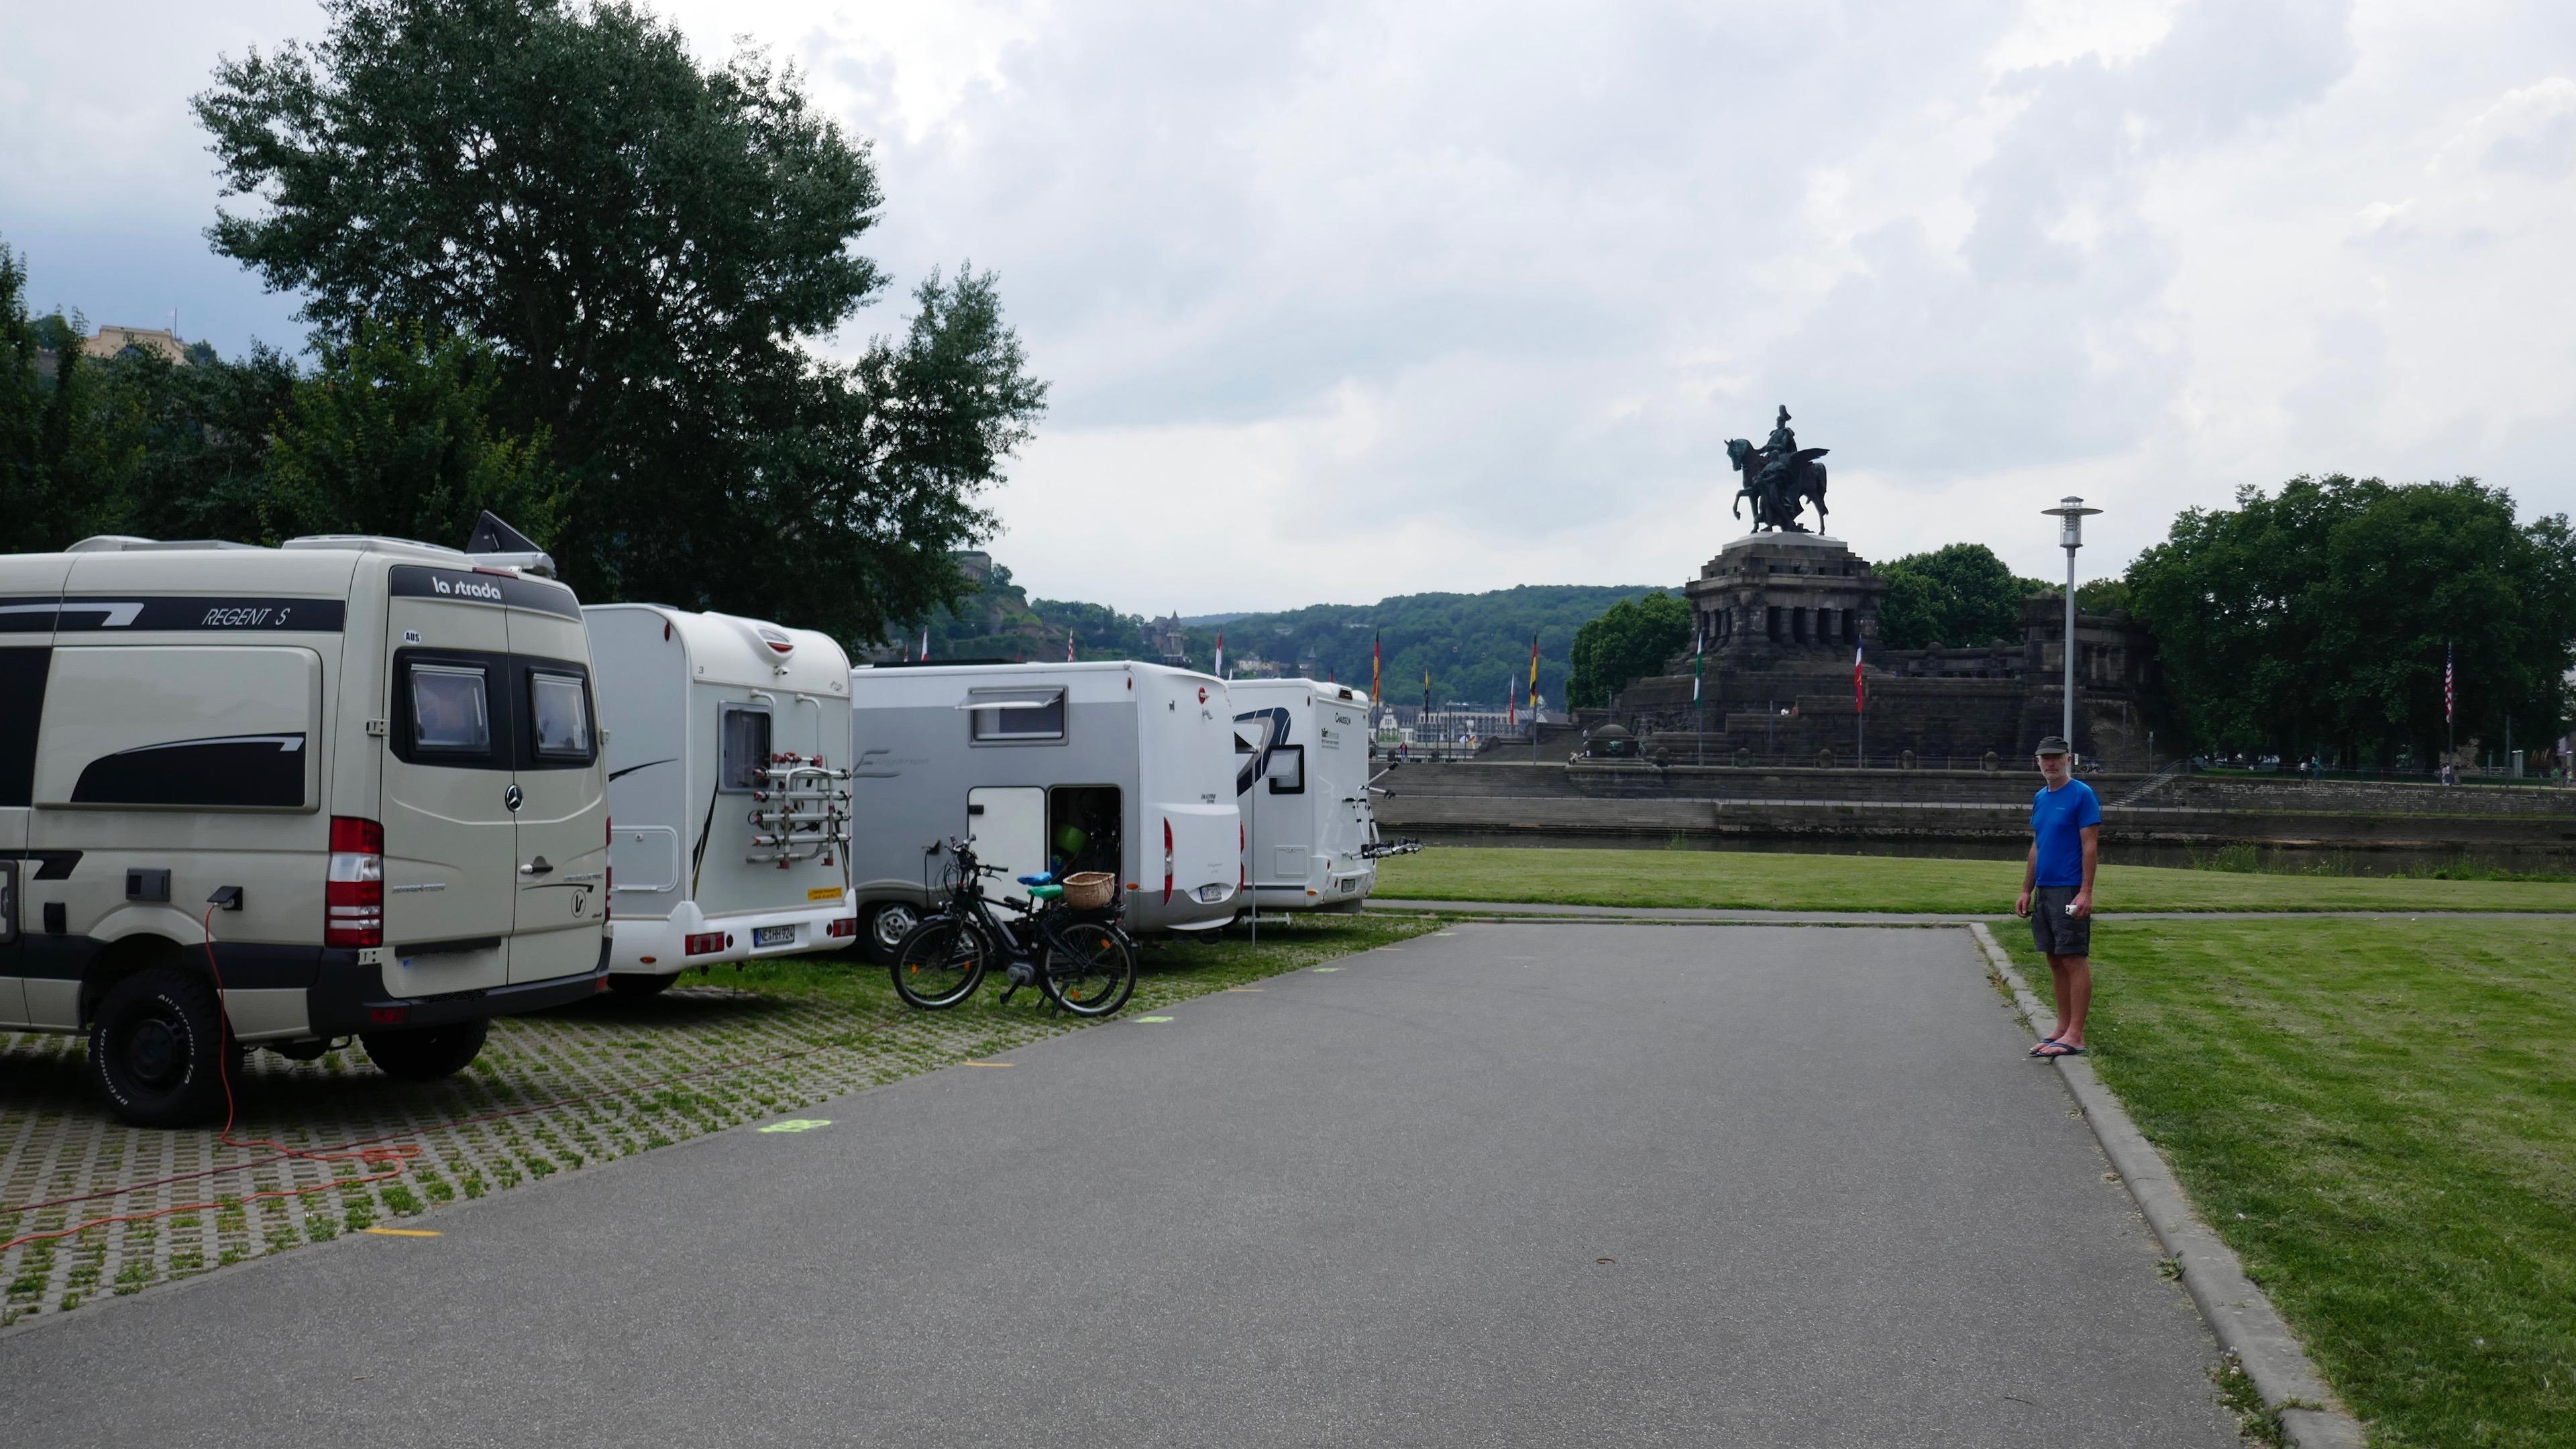 Koblenz motorhome parking